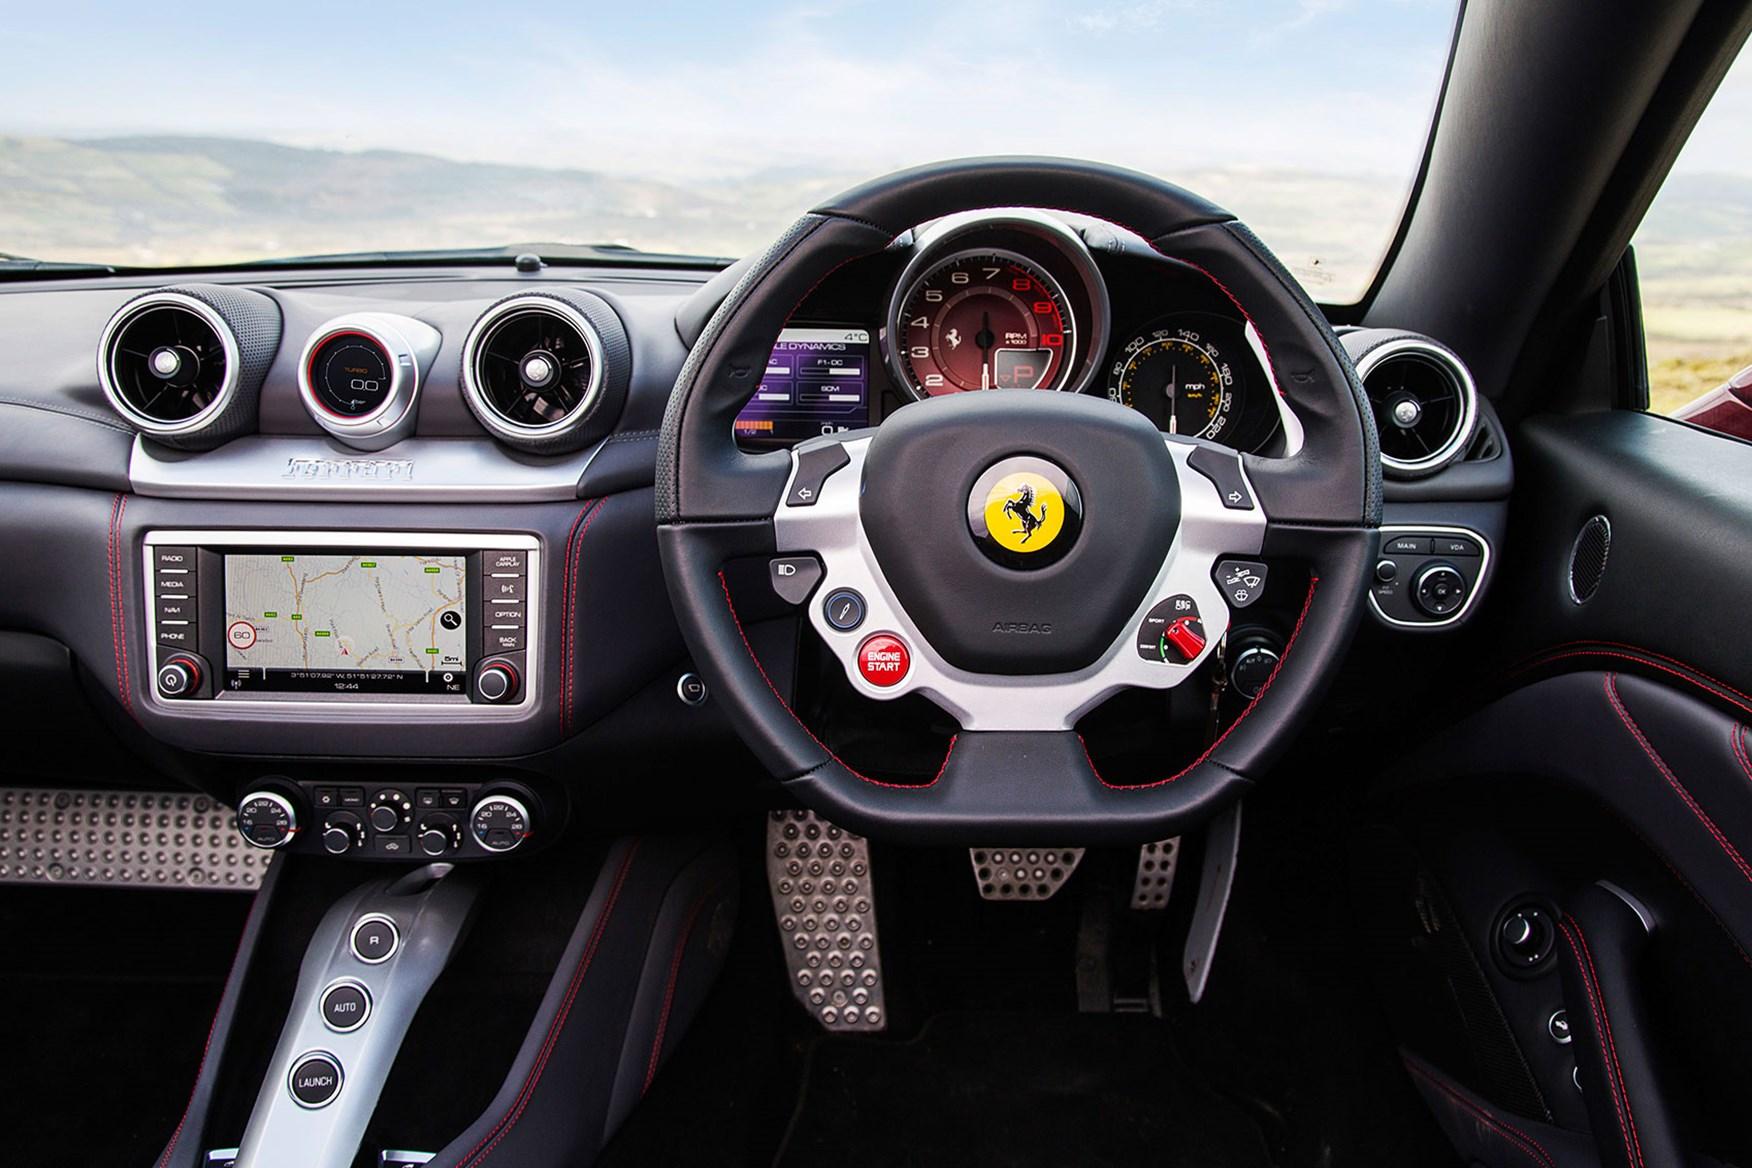 Ferrari California Fuse Box Wiring Schematics Diagram 2003 Porsche 911 Turbo S Cabrio Vs T Twin Test Review Electrical